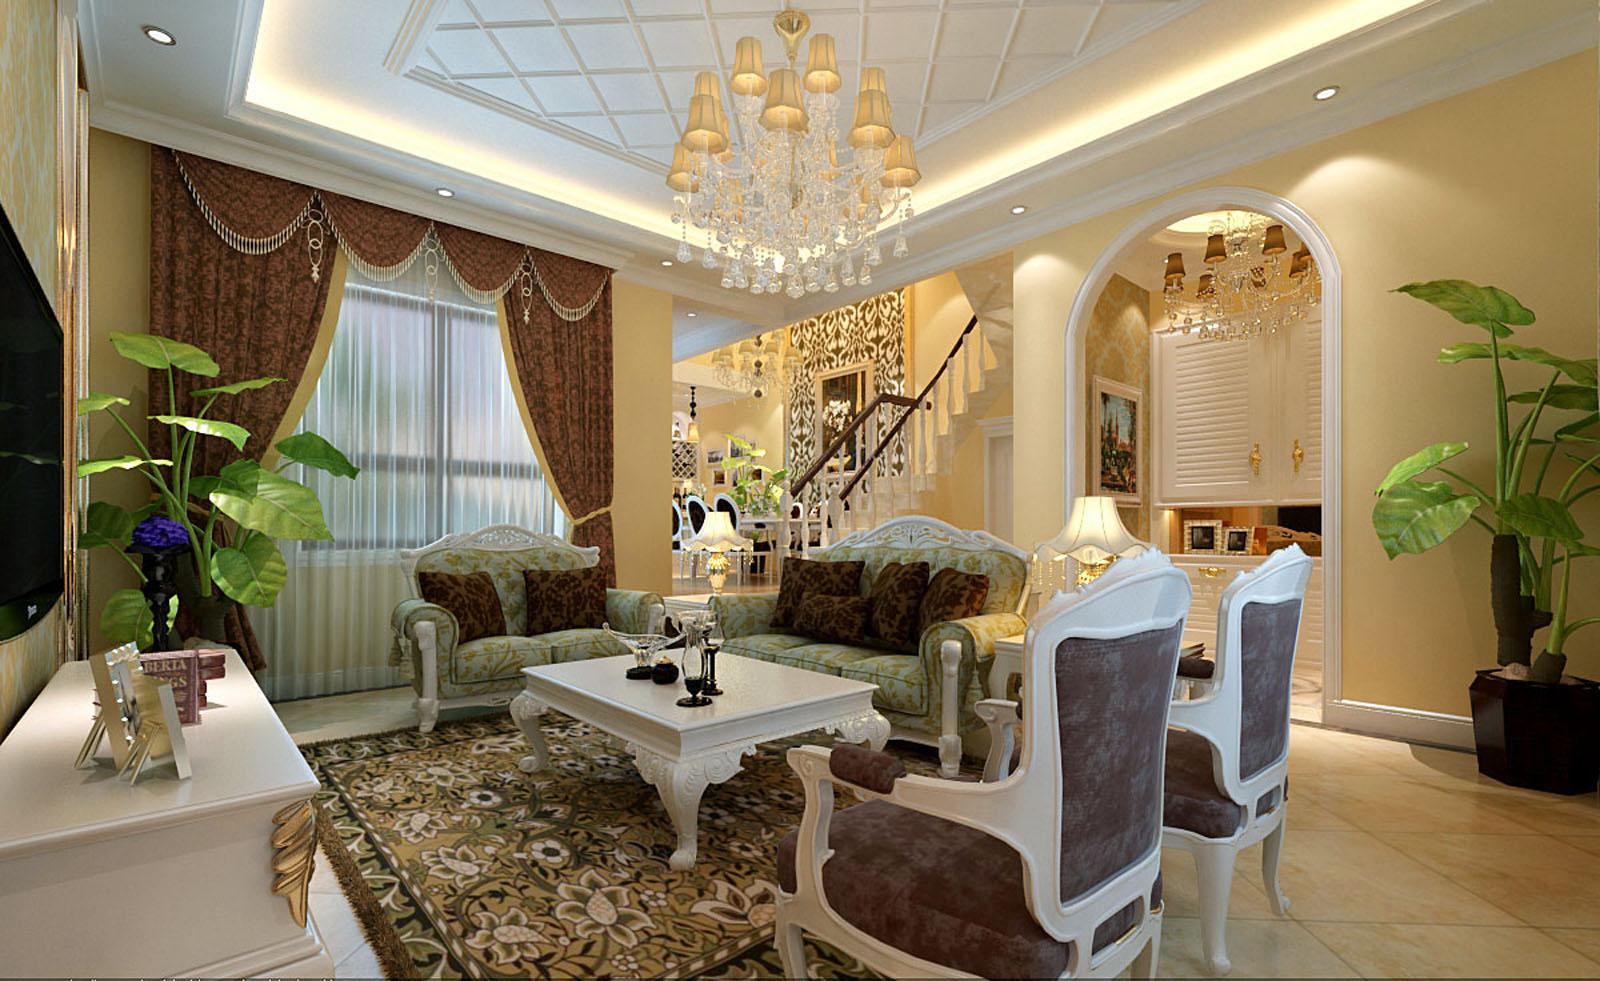 品味固安孔雀城 220平别墅装修 演绎欧式风格大包仅需17万元